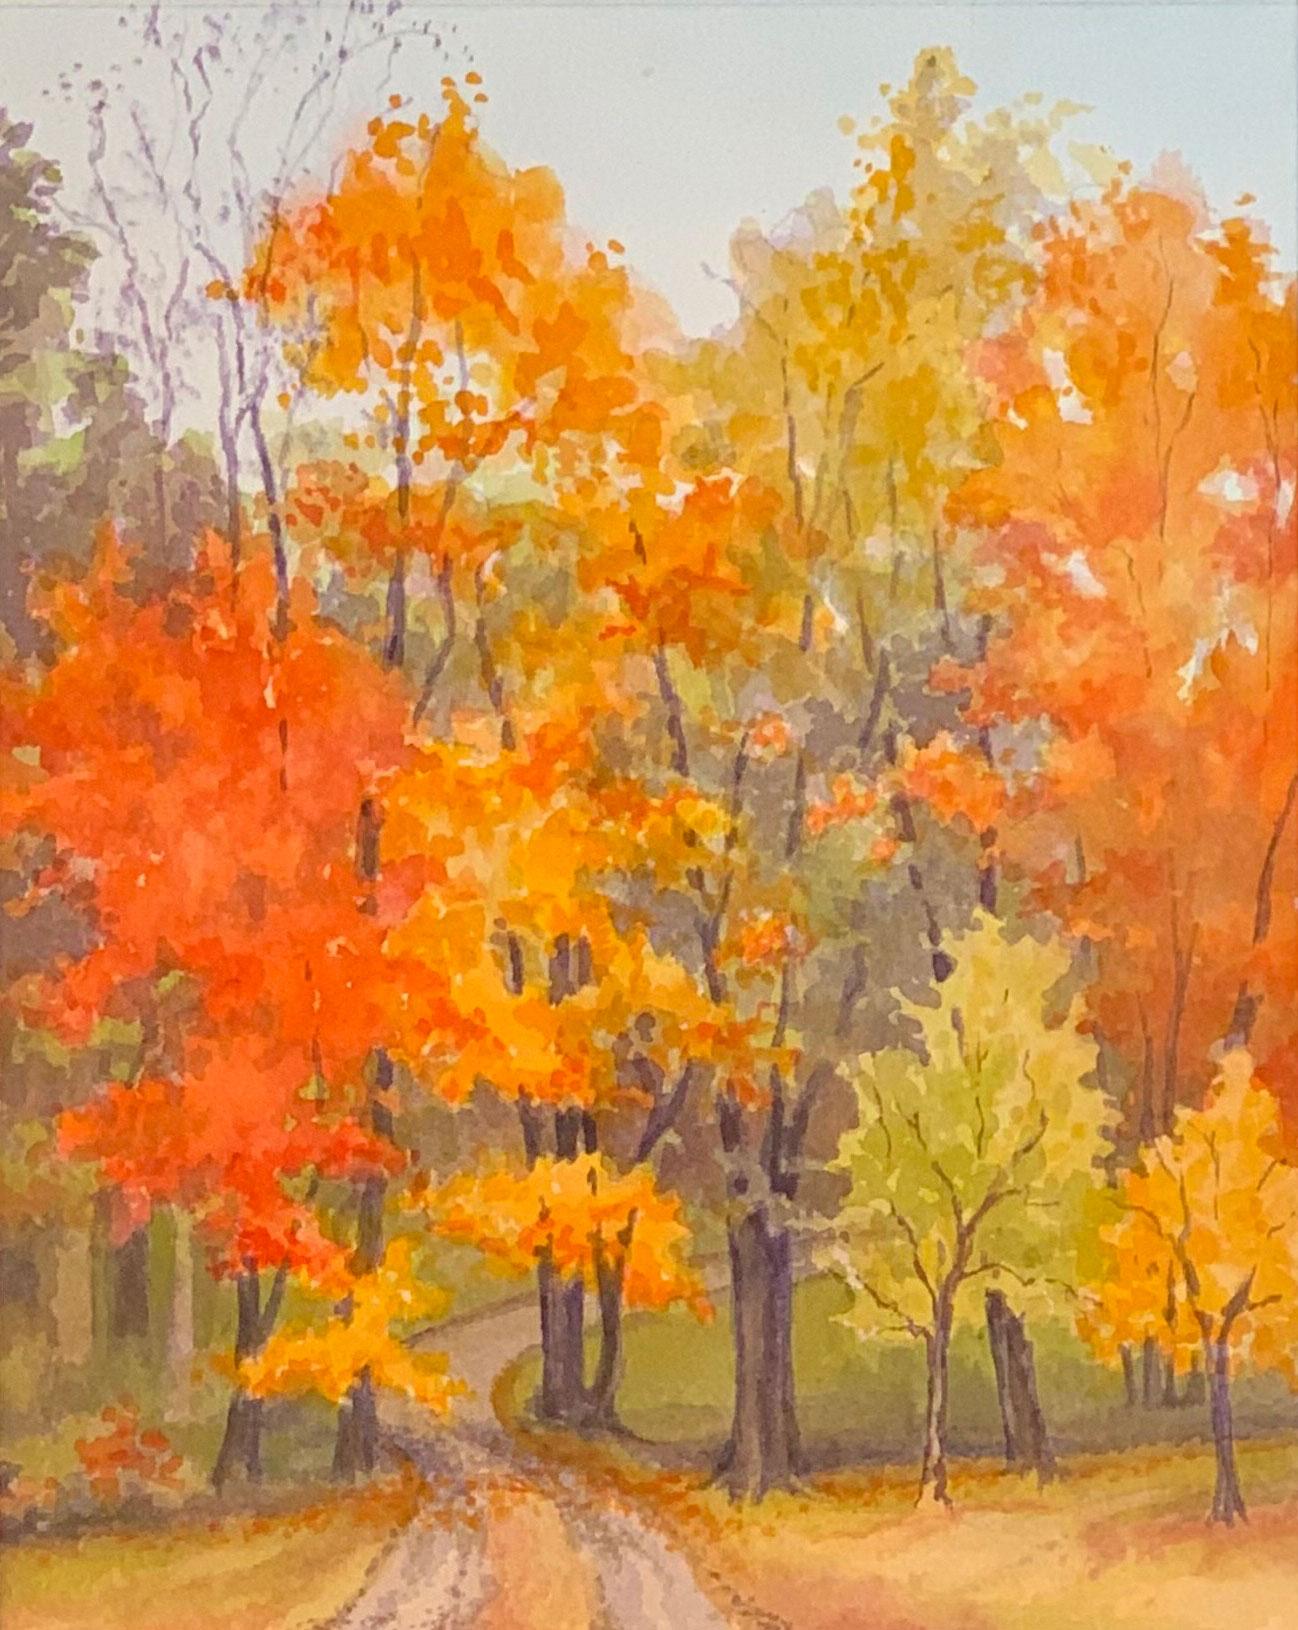 Fall Drive by Artist Robyn Ryan